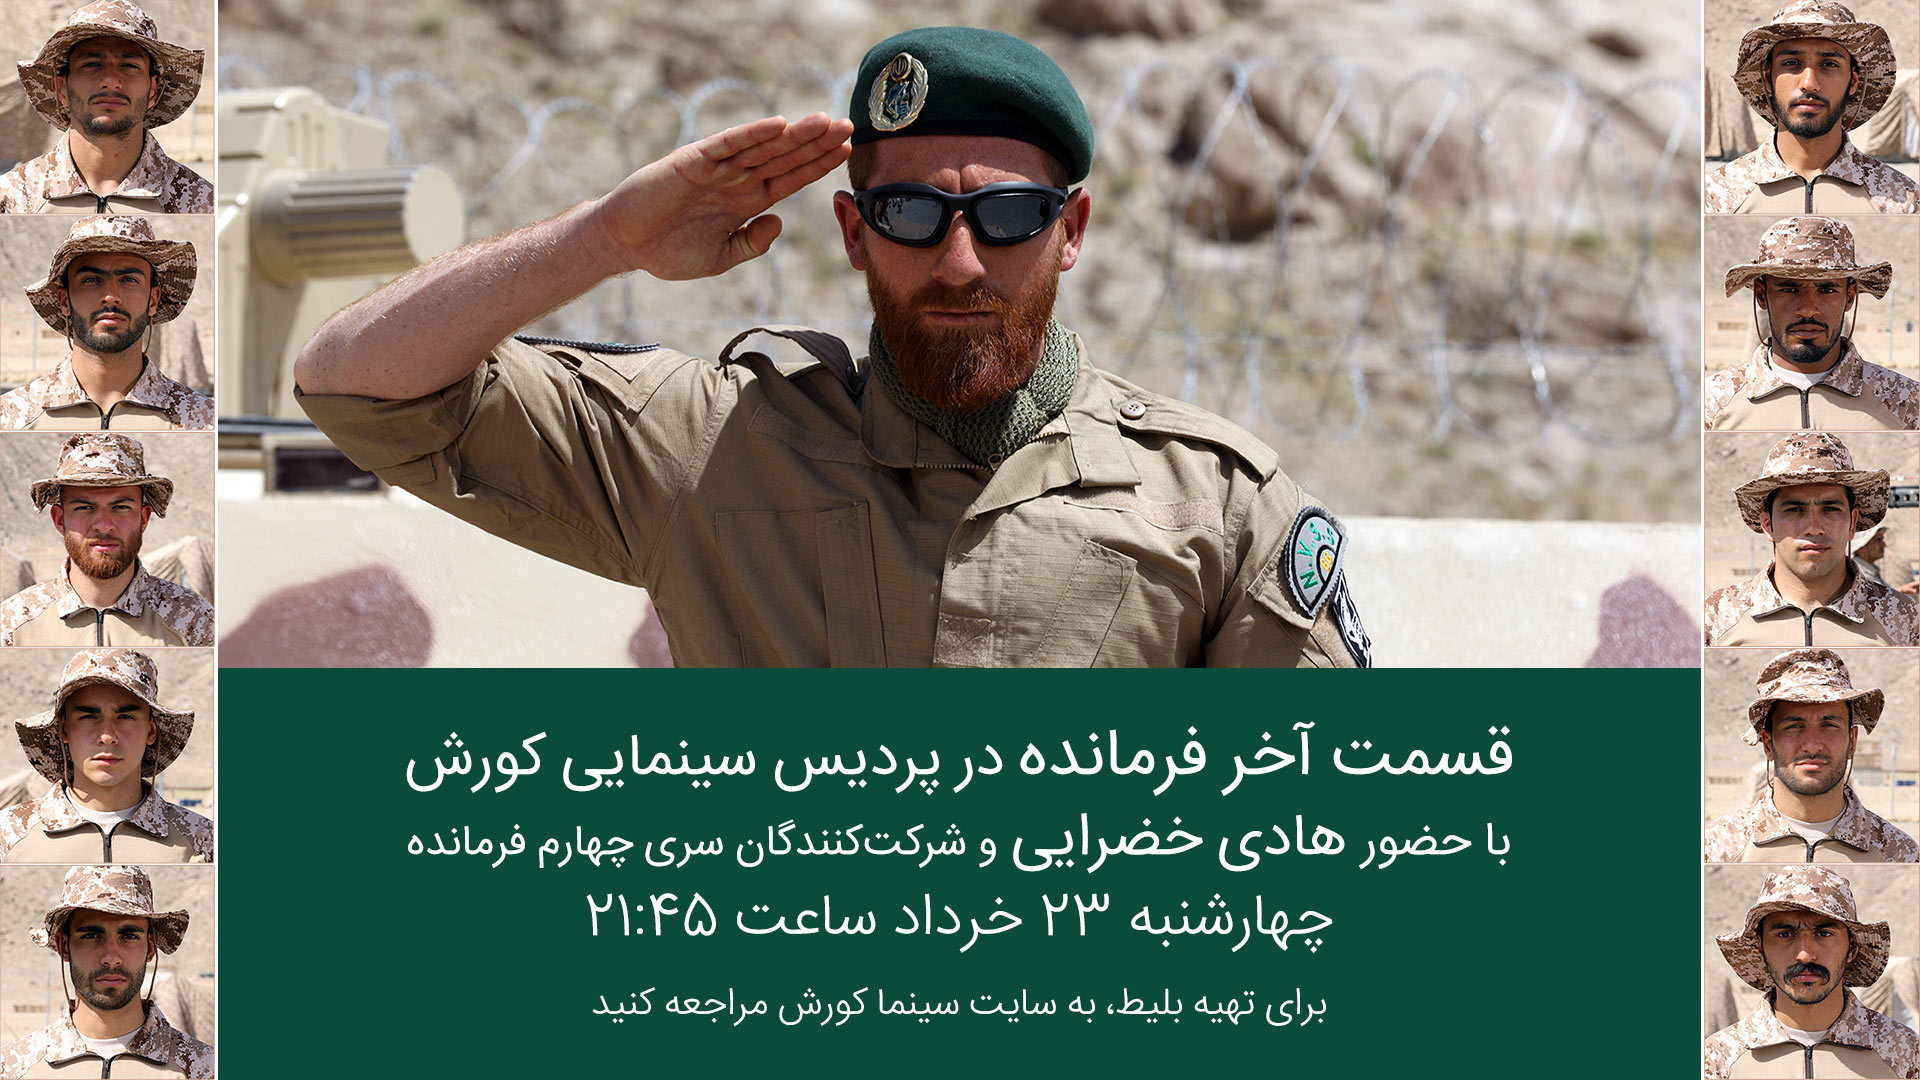 خرید بلیت اکران فینال فرمانده ۴ در پردیس سینمایی کورش